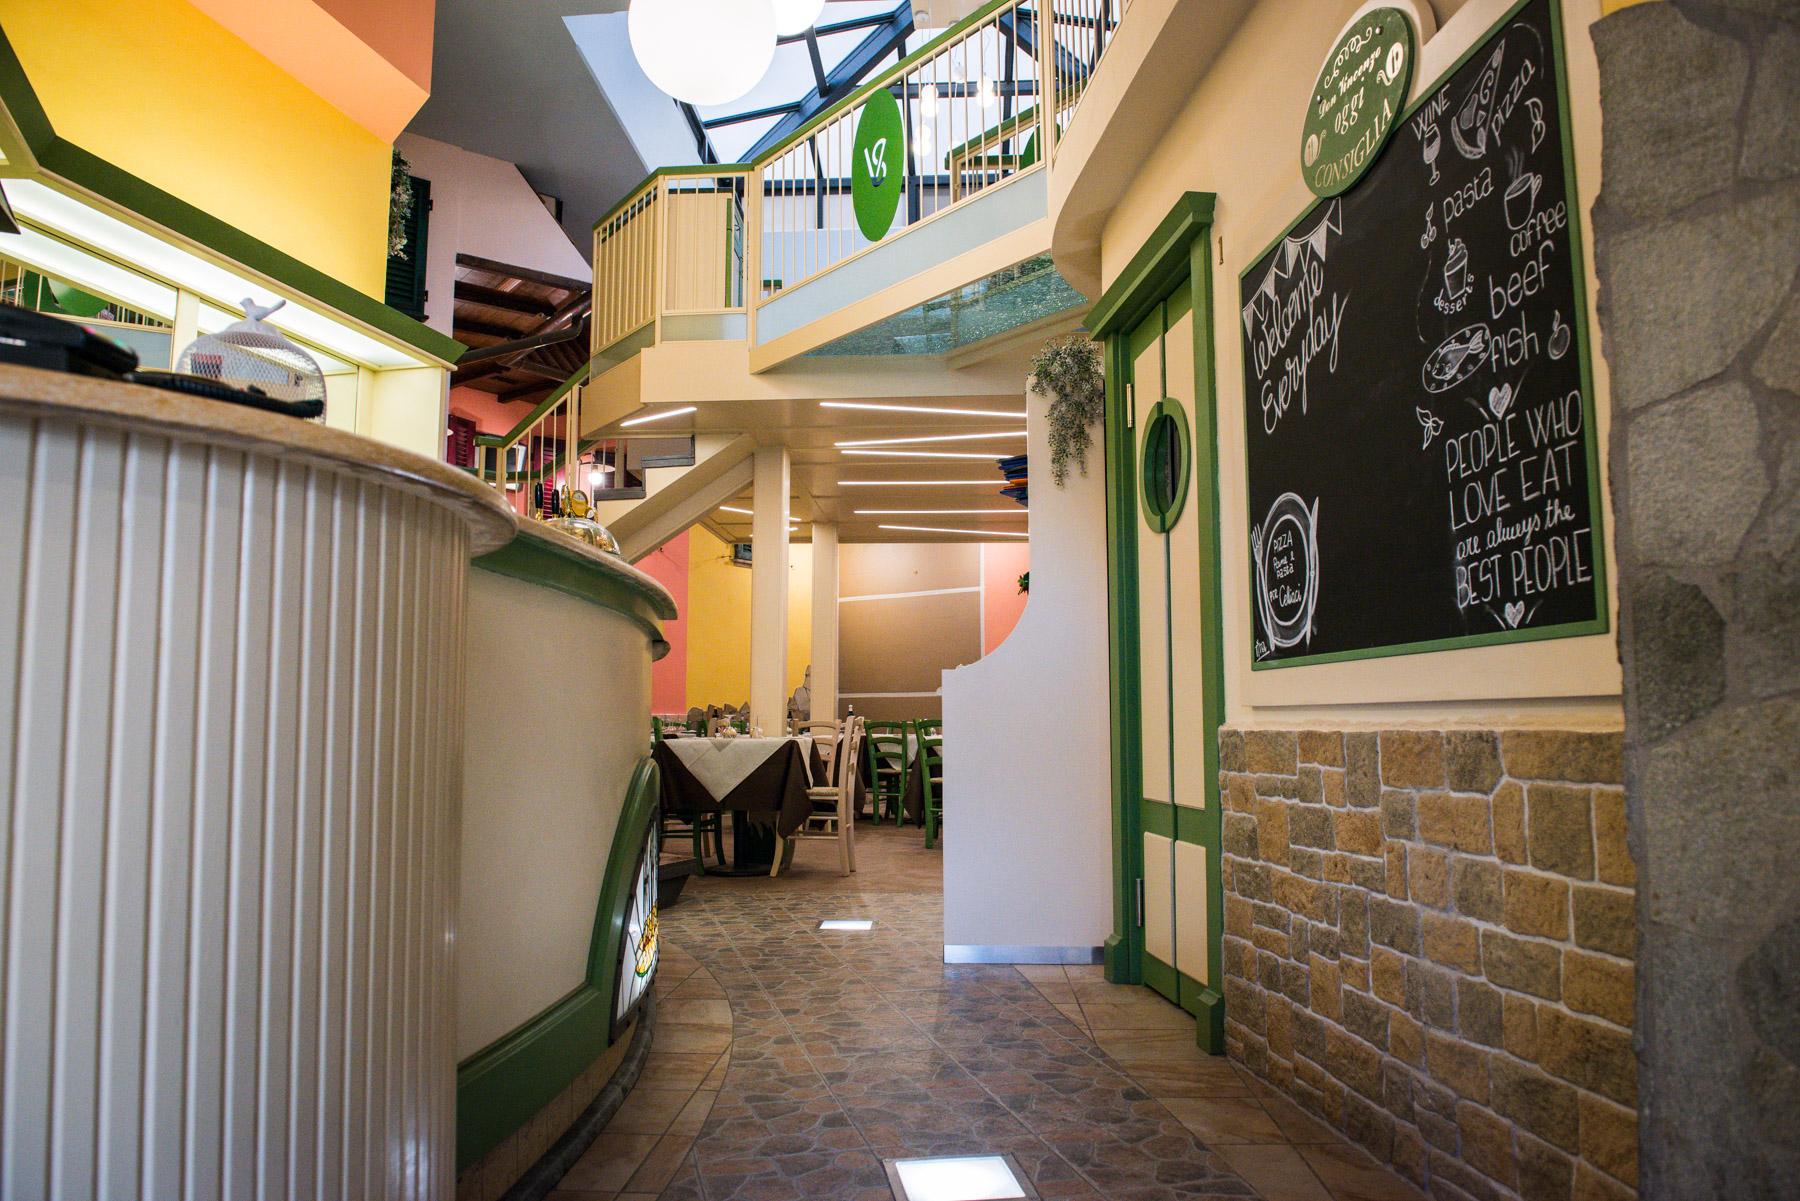 vecchia senese ristorante livorno ingresso locale 2